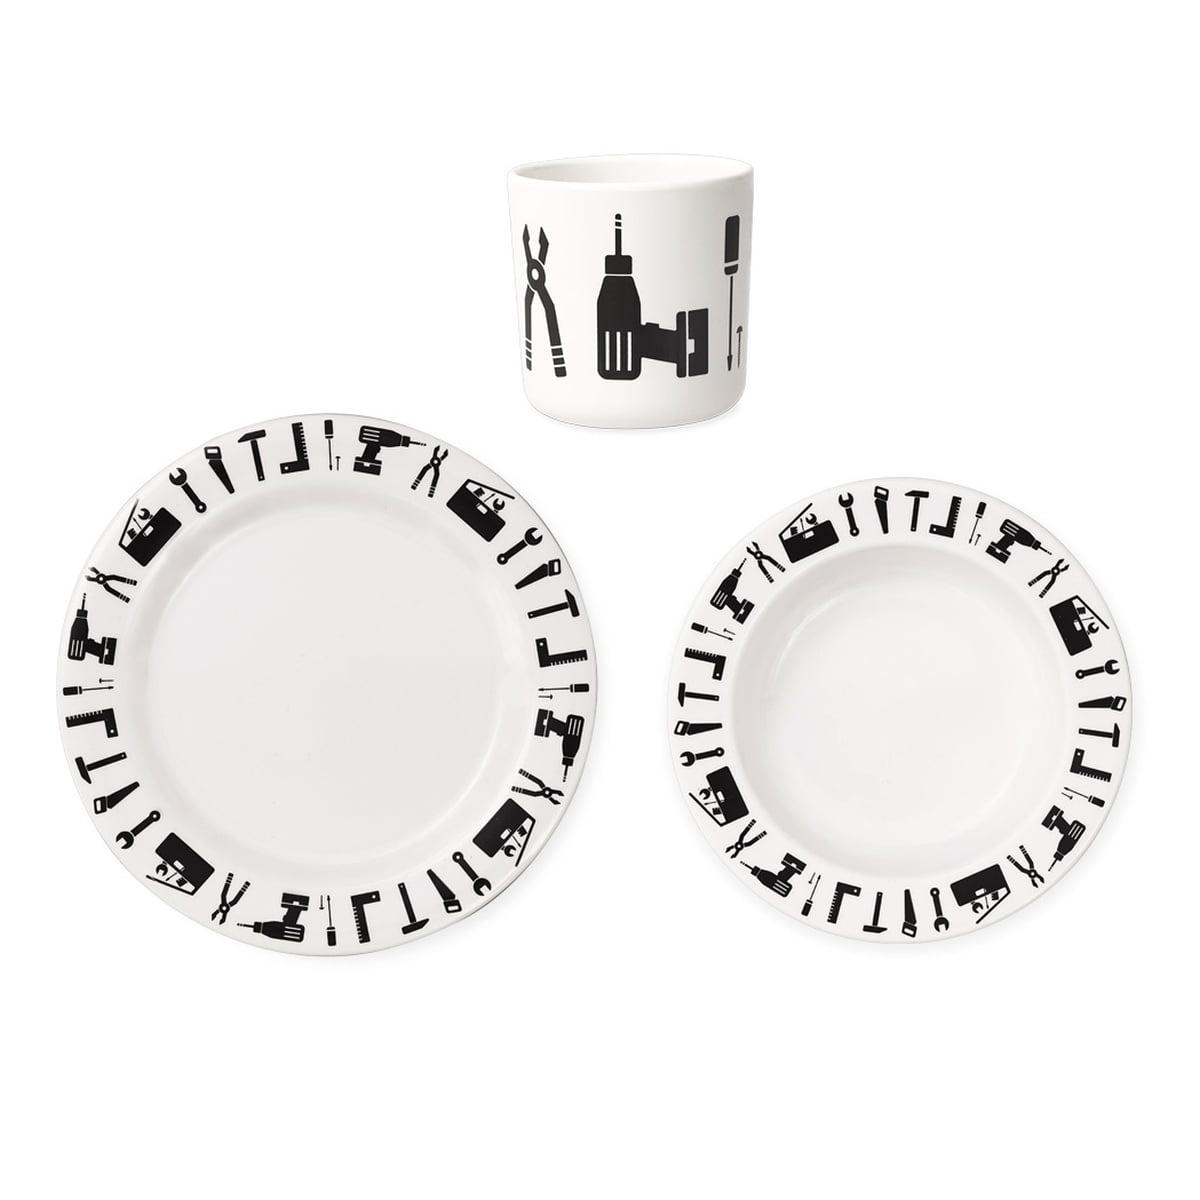 design letters tool school geschirr set 3 tlg schwarz. Black Bedroom Furniture Sets. Home Design Ideas